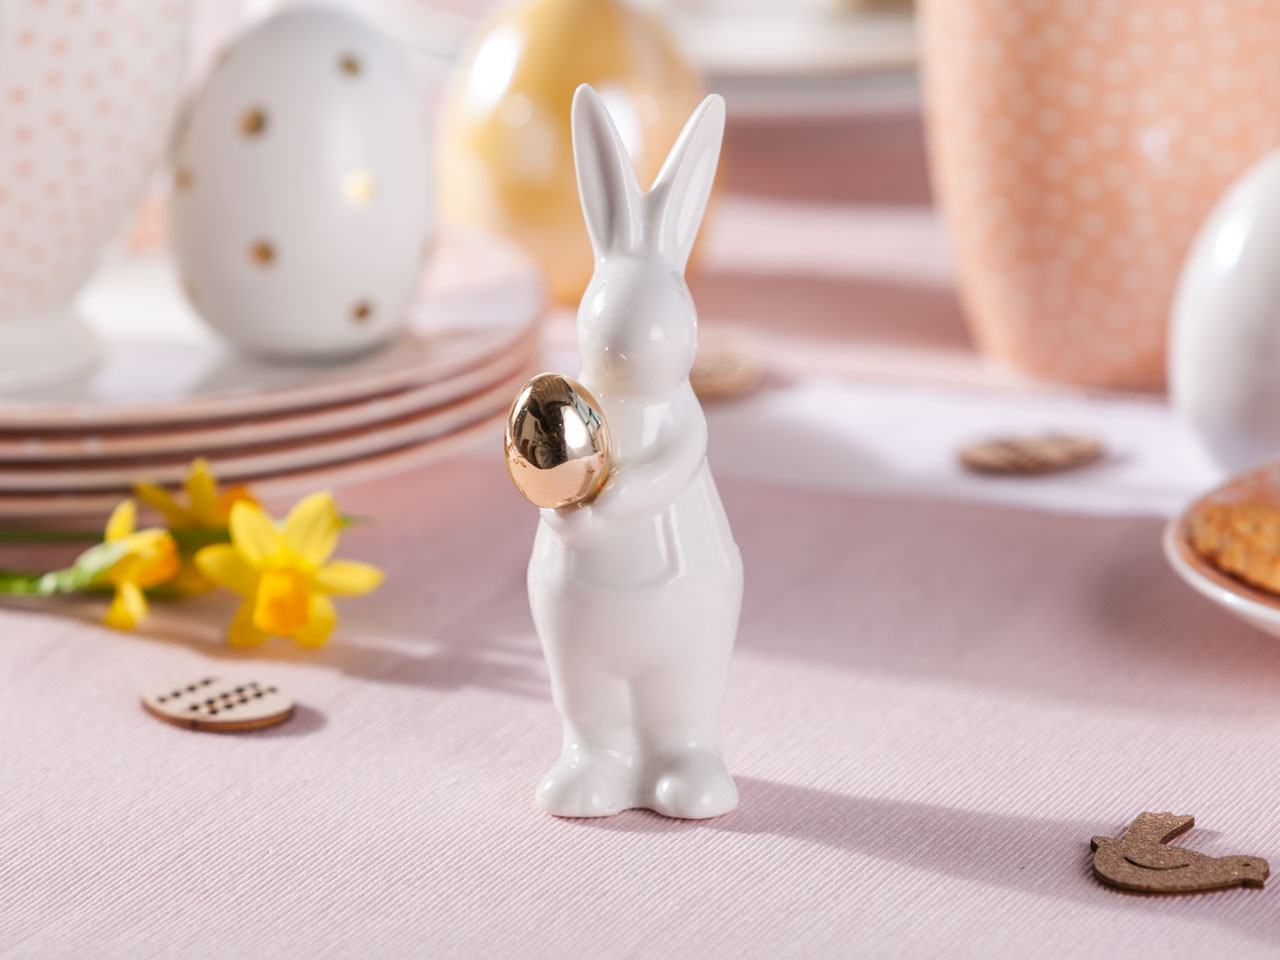 Figurka / ozdoba zając ze złotym jajkiem święta Wielkanoc Altom Design 4,5x9x13 cm